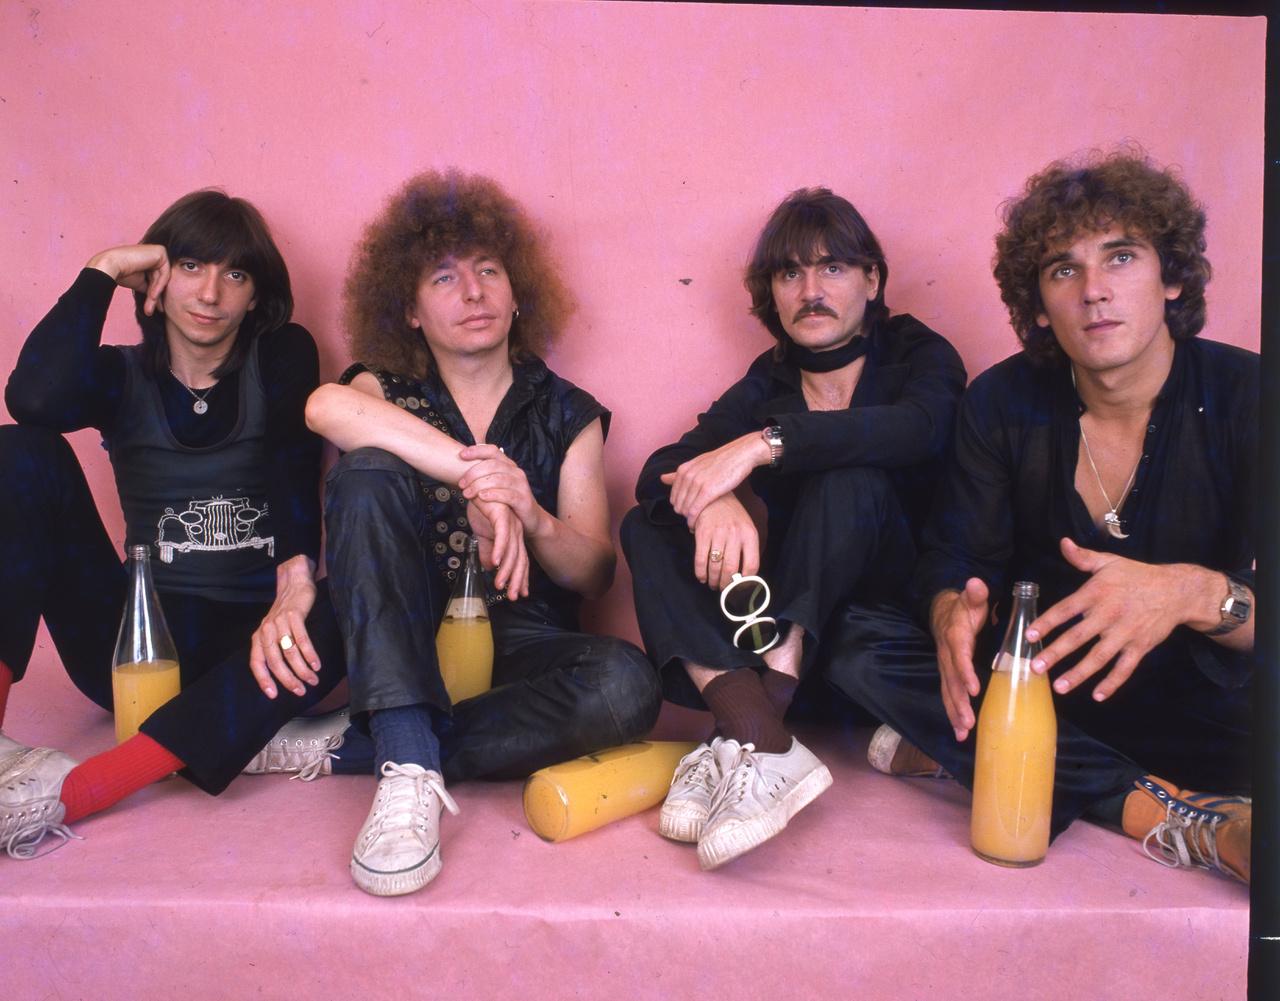 A '70-es, '80-as években szinte csak az Ifjúsági Magazin közölt együttesekről képeket, ezért olyan helyzetben voltak azzal, hogy rendes stúdiófotókat tudtak készíteni az éppen legmenőbb zenészekről. Így készülhetett el például ez az egészen érdekes színvilágú kép a V'Moto-Rock zenekarról, amelyet Demjén Ferenc alapított azután, hogy otthagyta a Bergendyt.